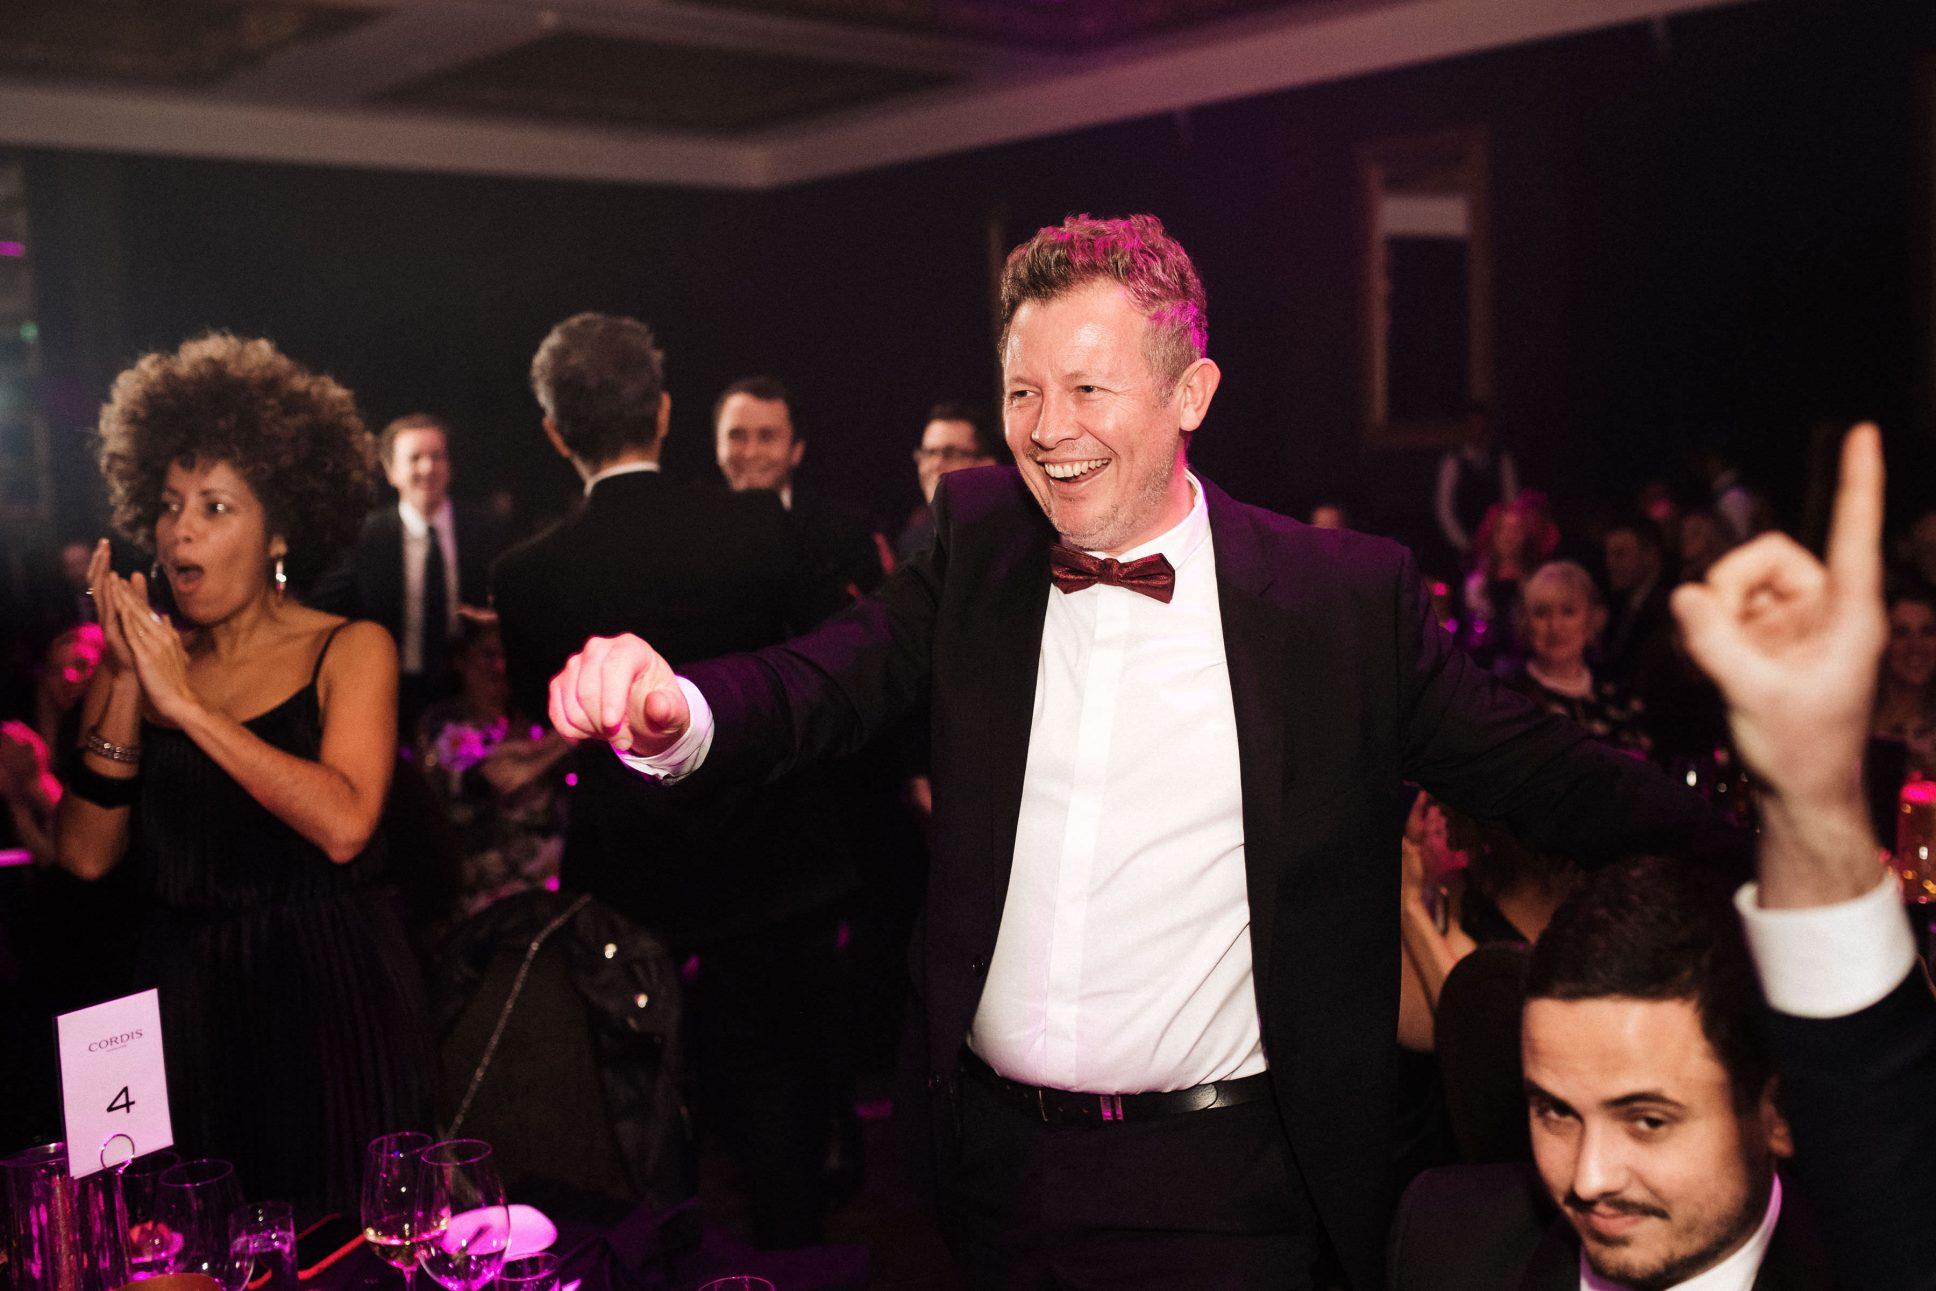 Cordis Auckland Westpac business awards event